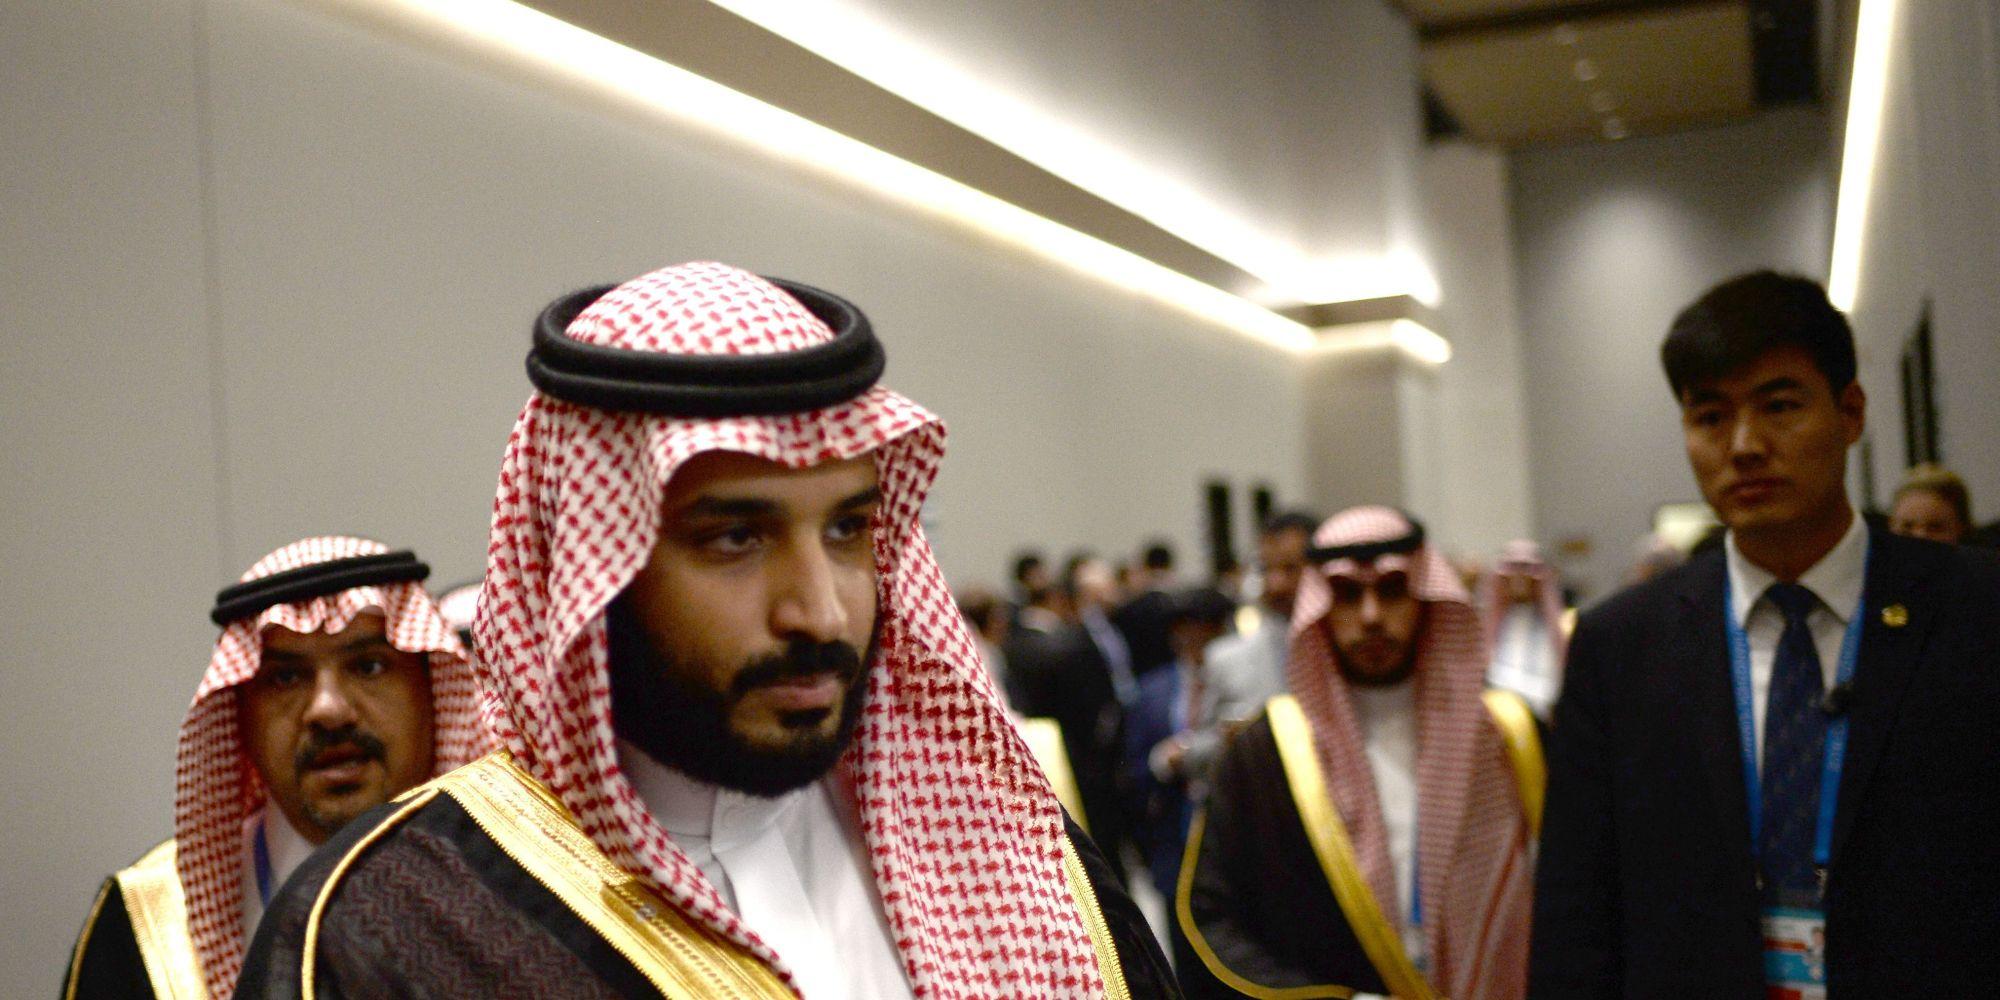 بن سلمان تعهَّد لماكرون بالقضاء على جمعيات تنشر الفكر الوهابي في السعودية.. الرئيس الفرنسي سيُقدِّم لائحة بأسمائها